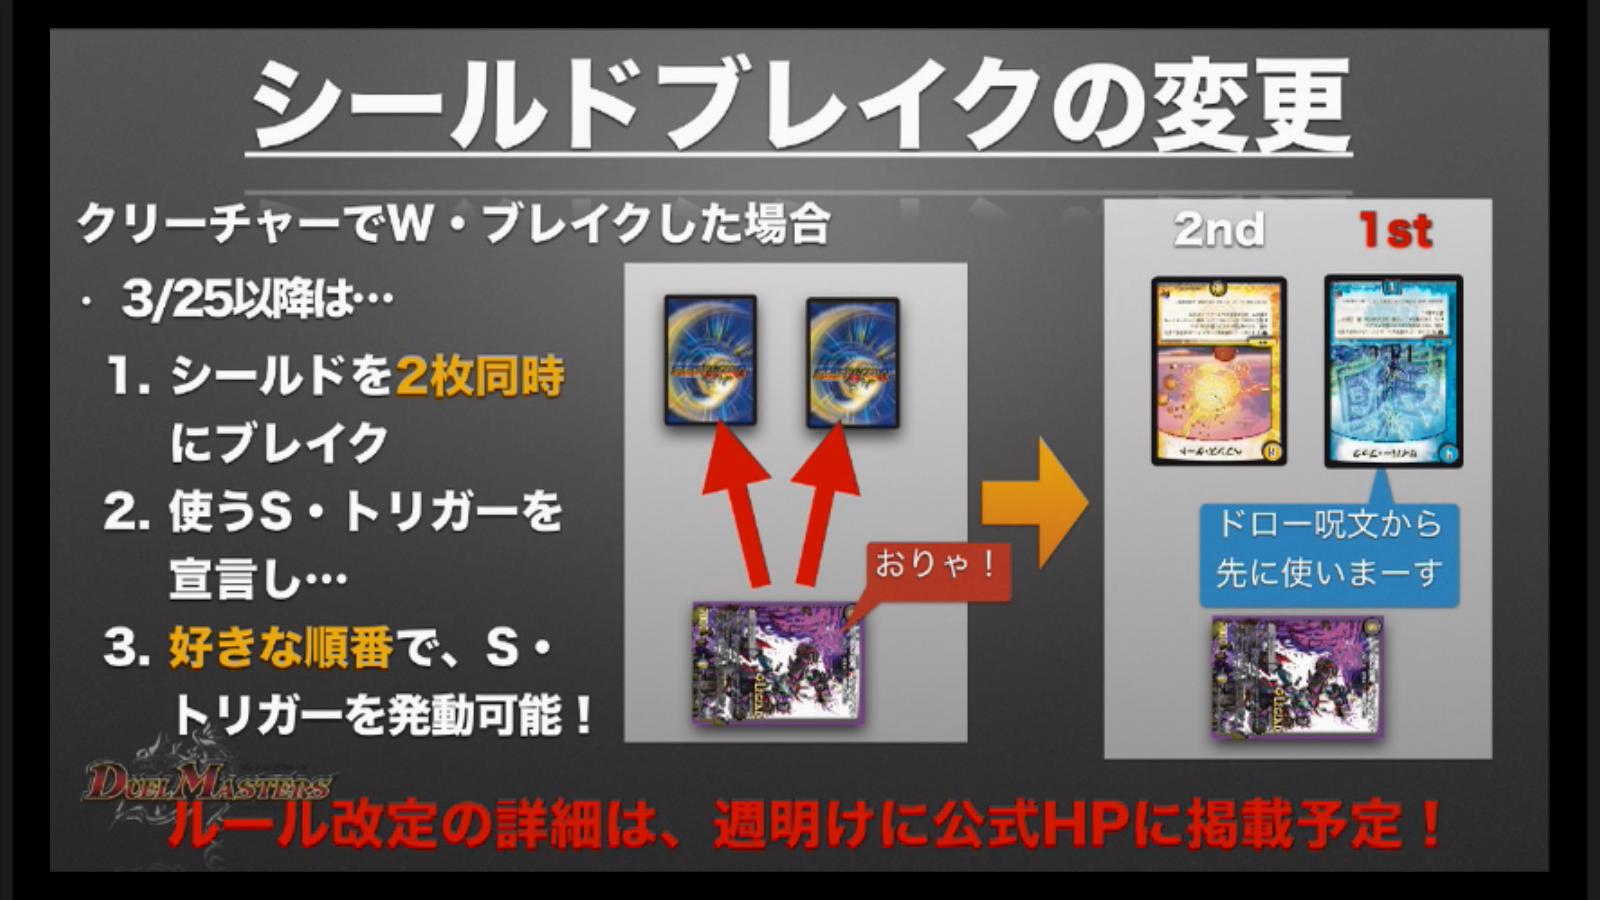 dm-kakumei-finalcup-news-170226-098.jpg